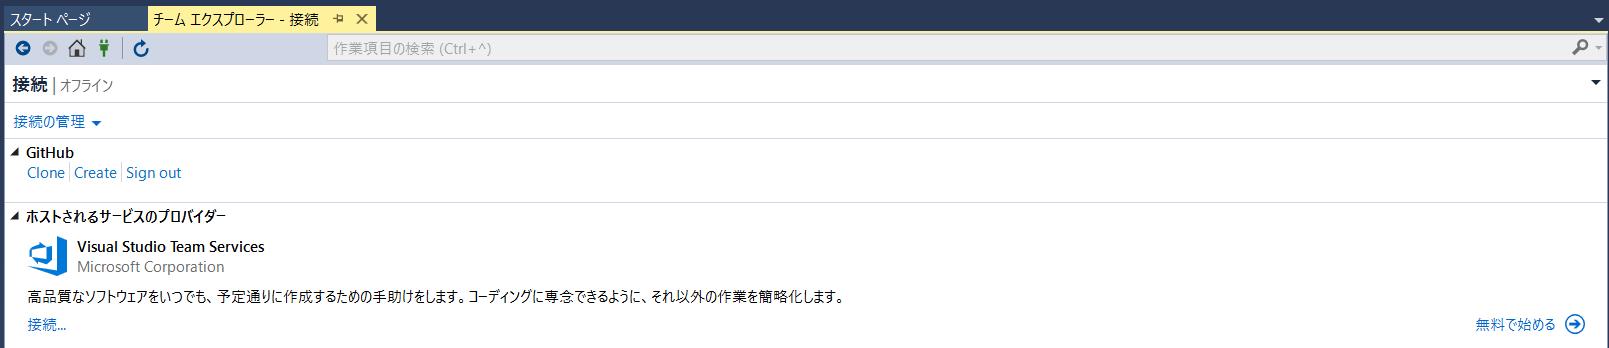 Screenshot_NoName_2018-4-2_20-41-43_No-00.png